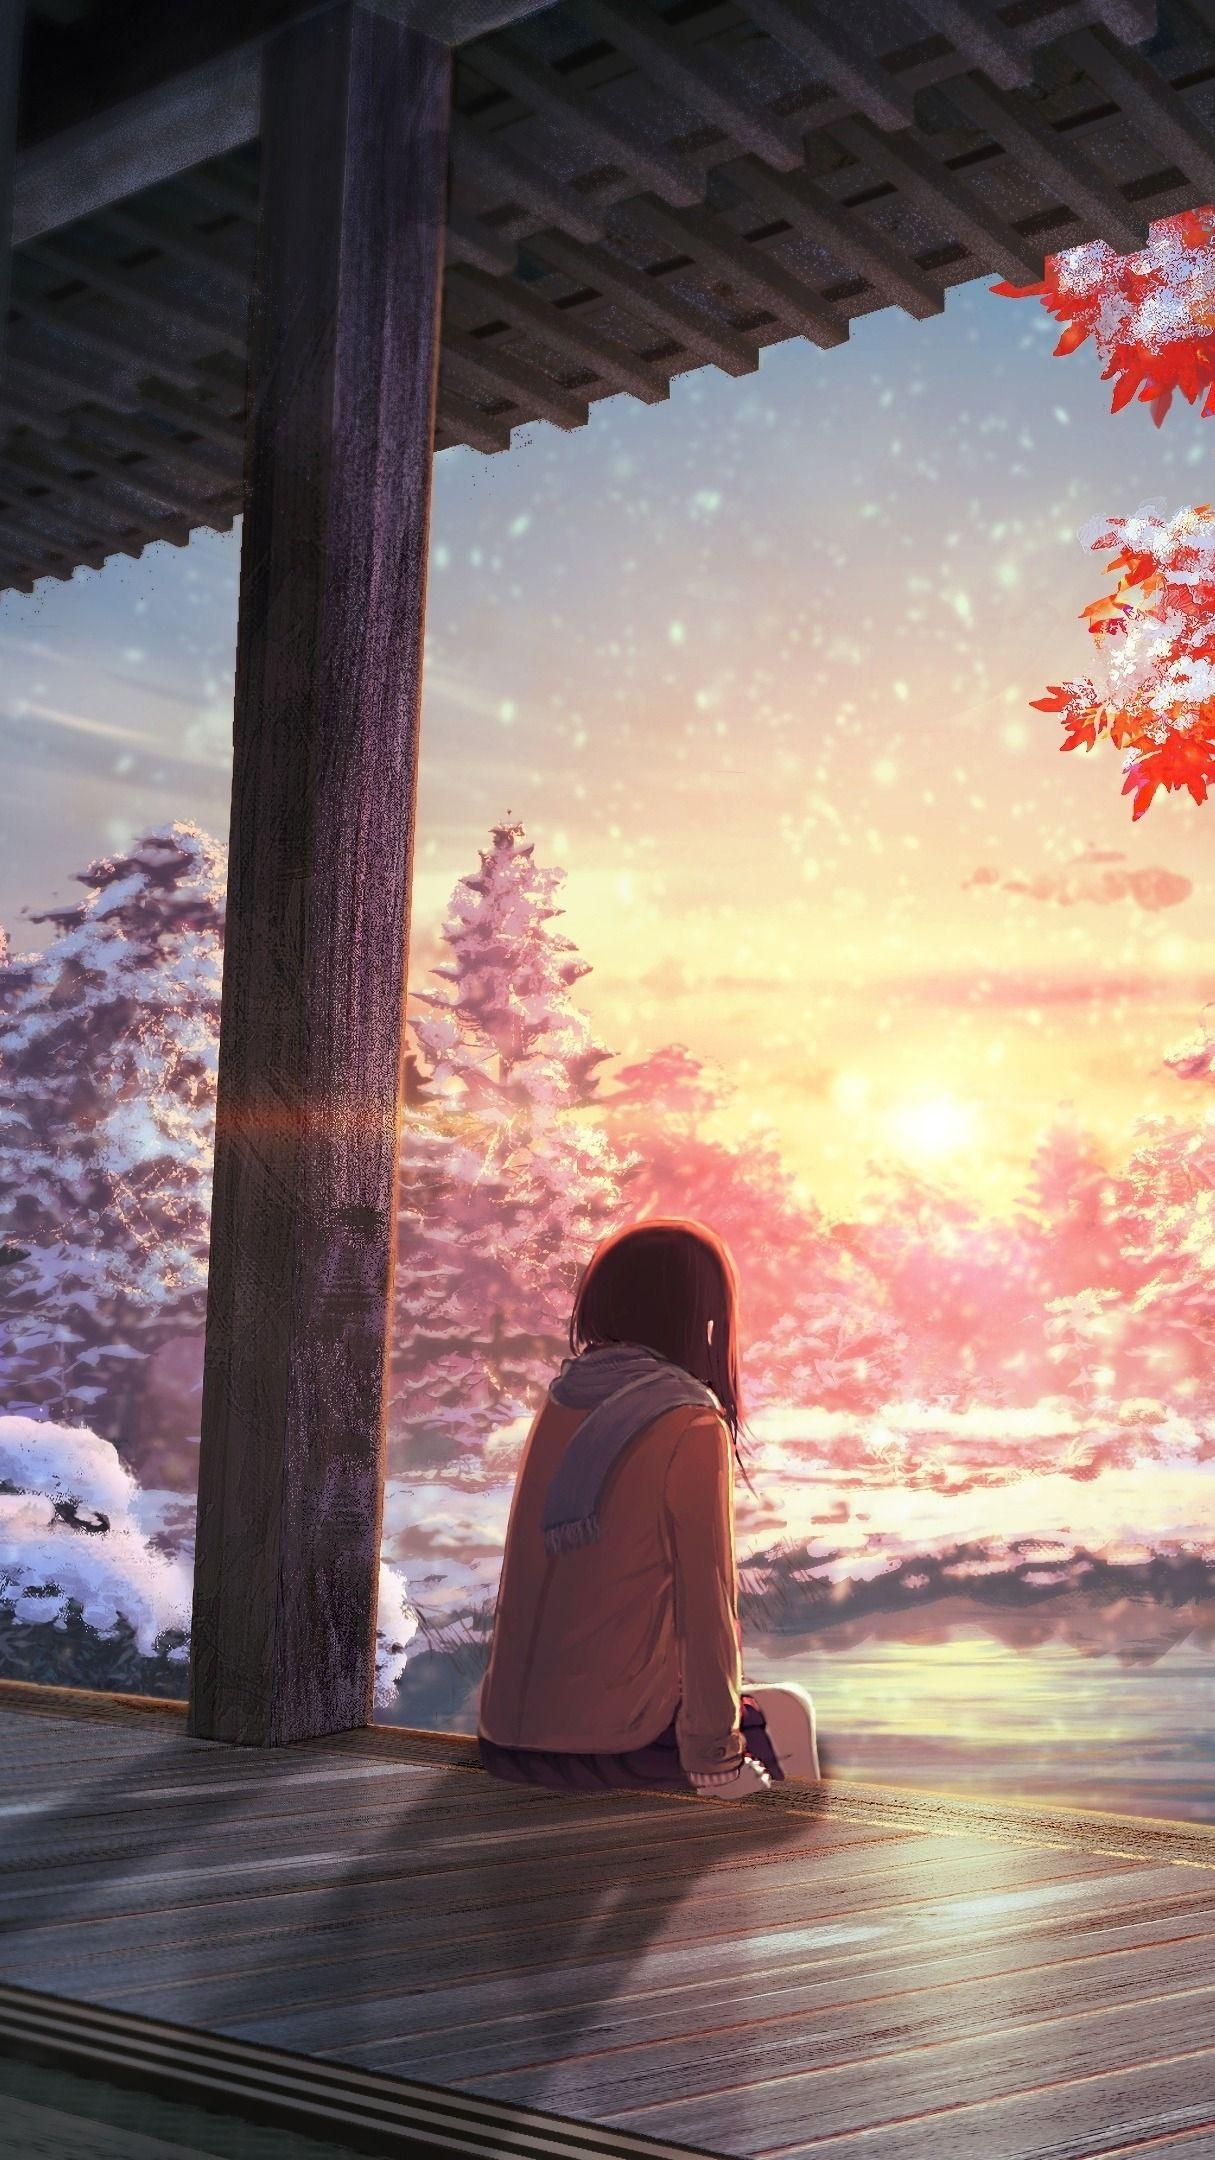 Wallp4k Anime Pemandangan Anime Pemandangan Latar Belakang